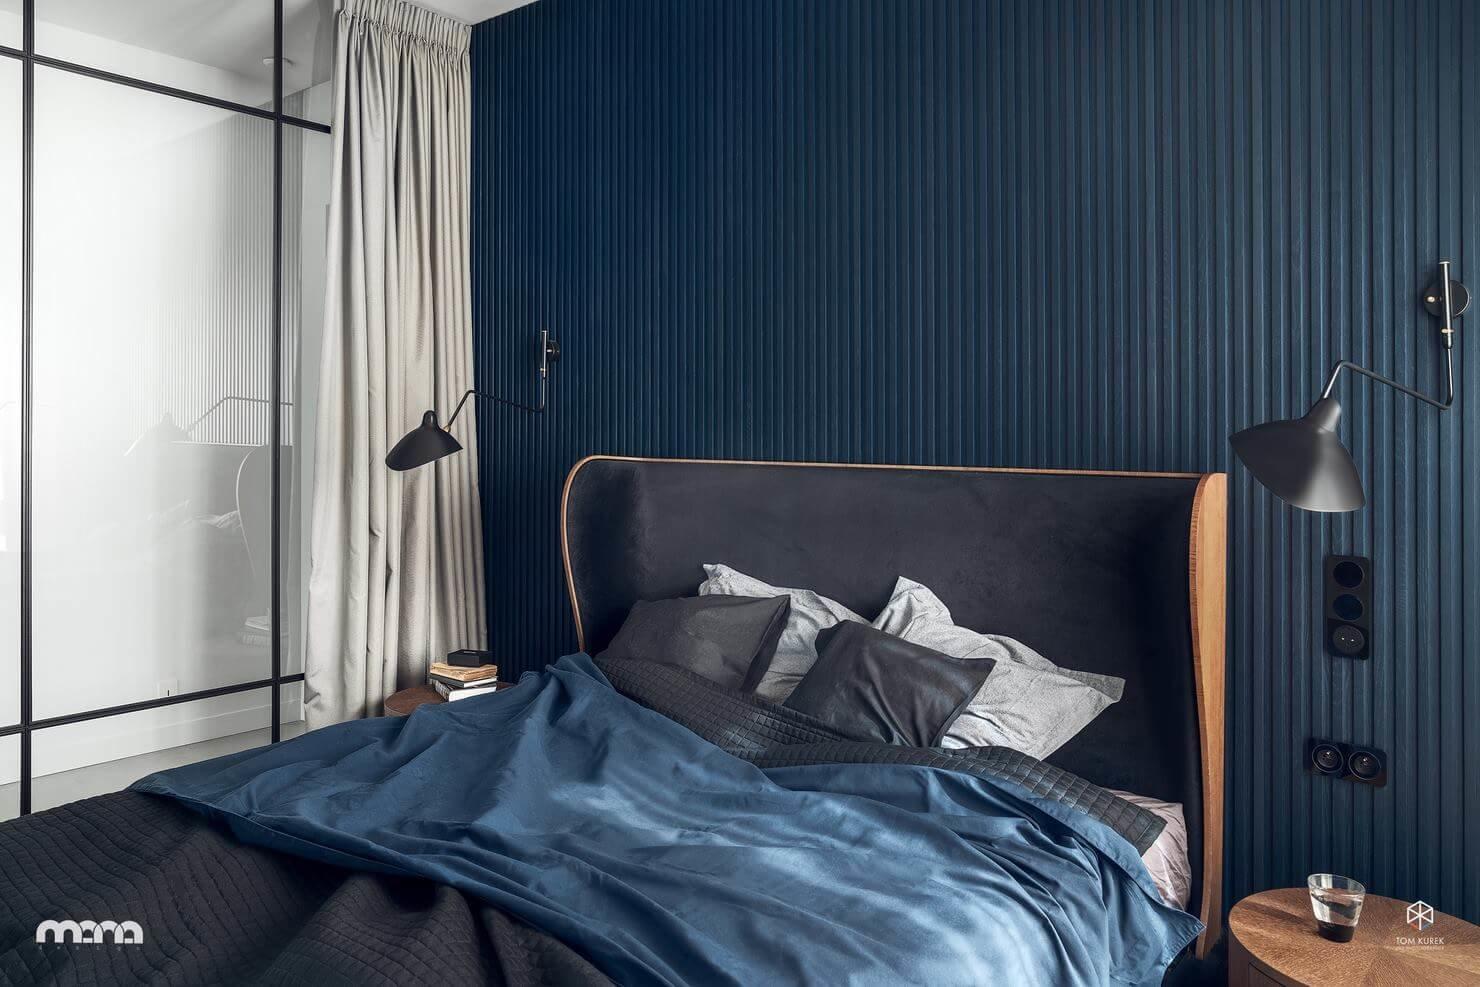 В спальне ограничились минимум мебели, сделав акцент на кровать с завышенным изголовьем мягких закругленных форм, которые также напоминают о стилистике 1950-х годов в современном прочтении